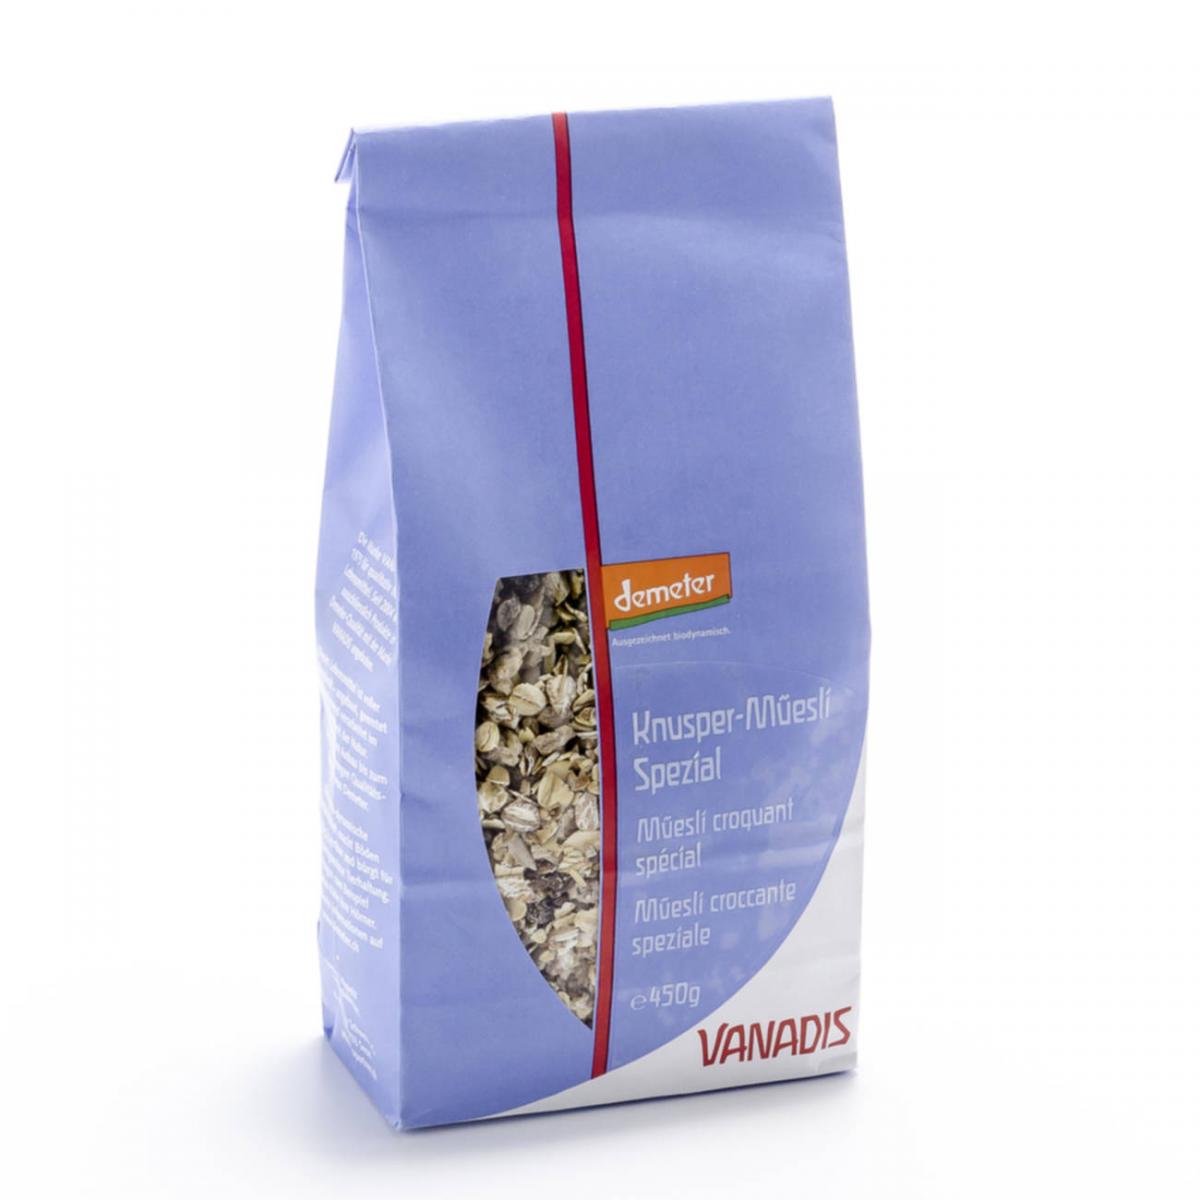 Knusper-Müesli spezial Beutel 450 g - Vanadis